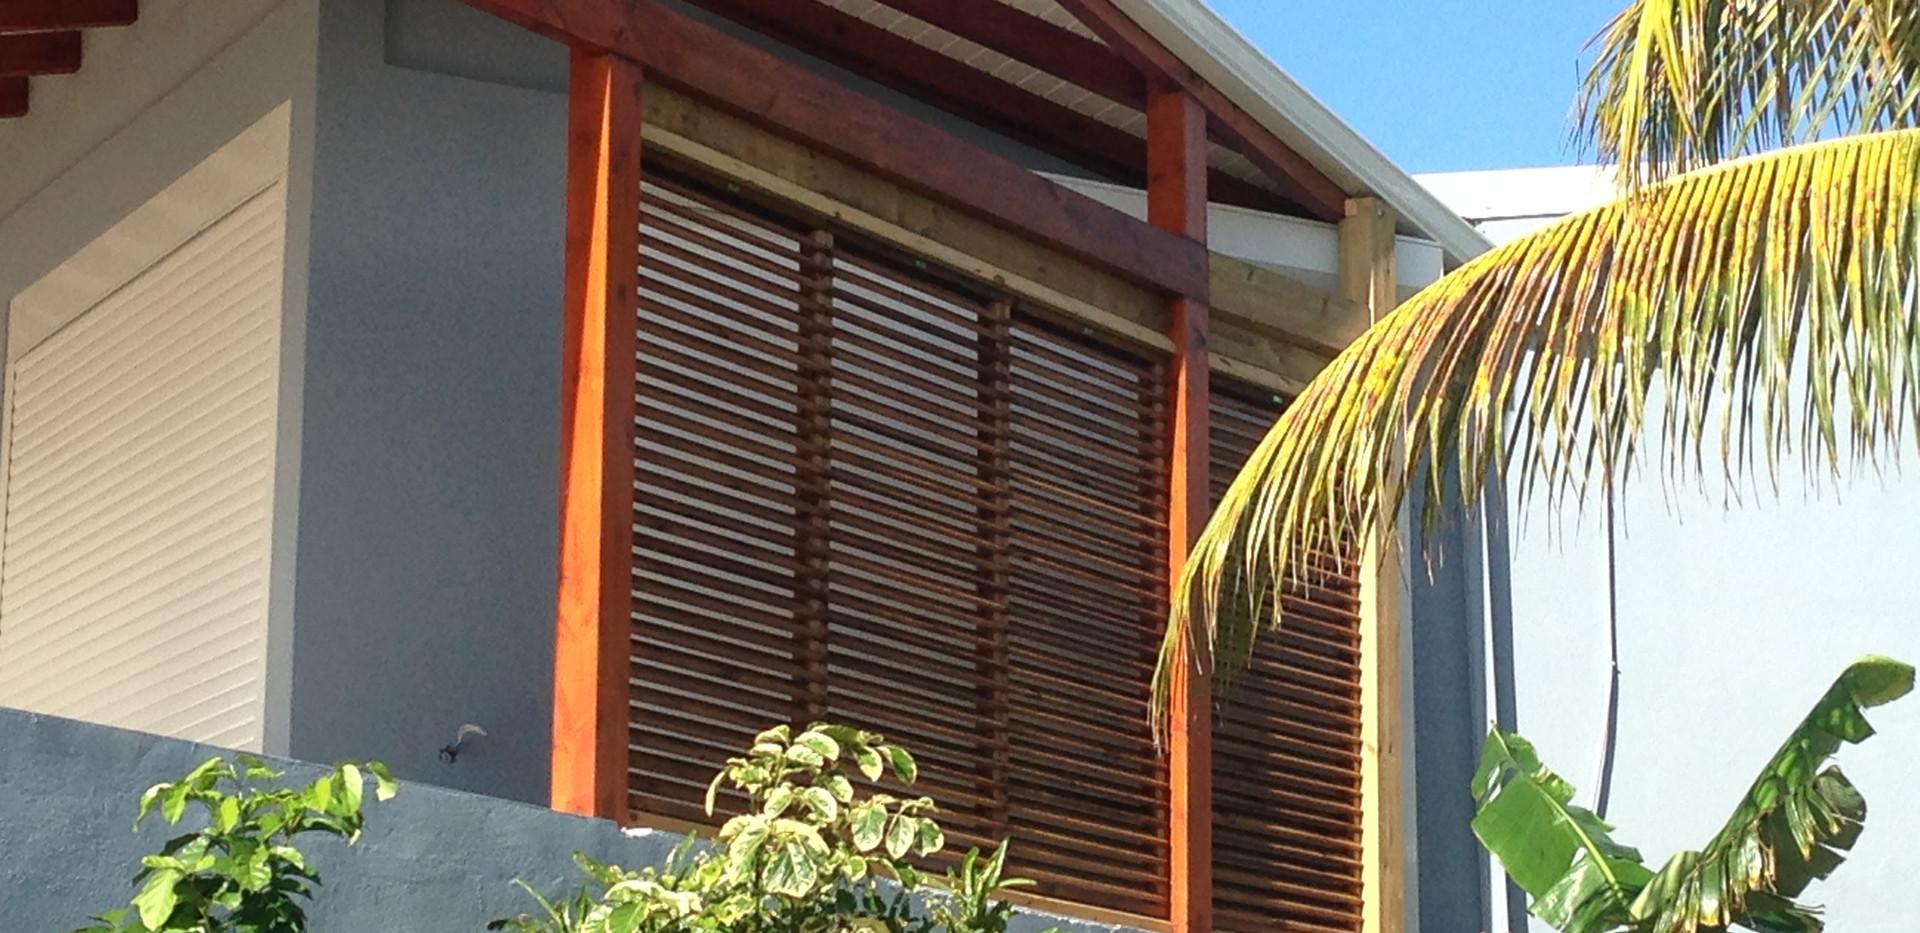 Travaux de menuiserie 3 ESO BTP - Travaux de construction et rénovation - Guadeloupe